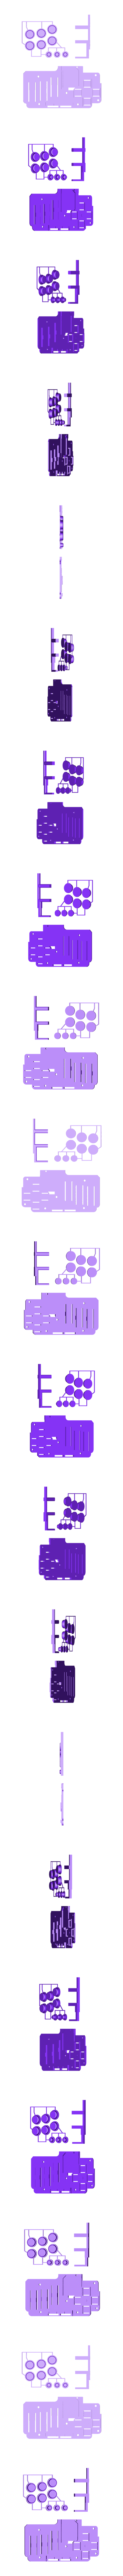 parts.stl Télécharger fichier STL gratuit kim-Pi R cas • Modèle pour impression 3D, kimjh